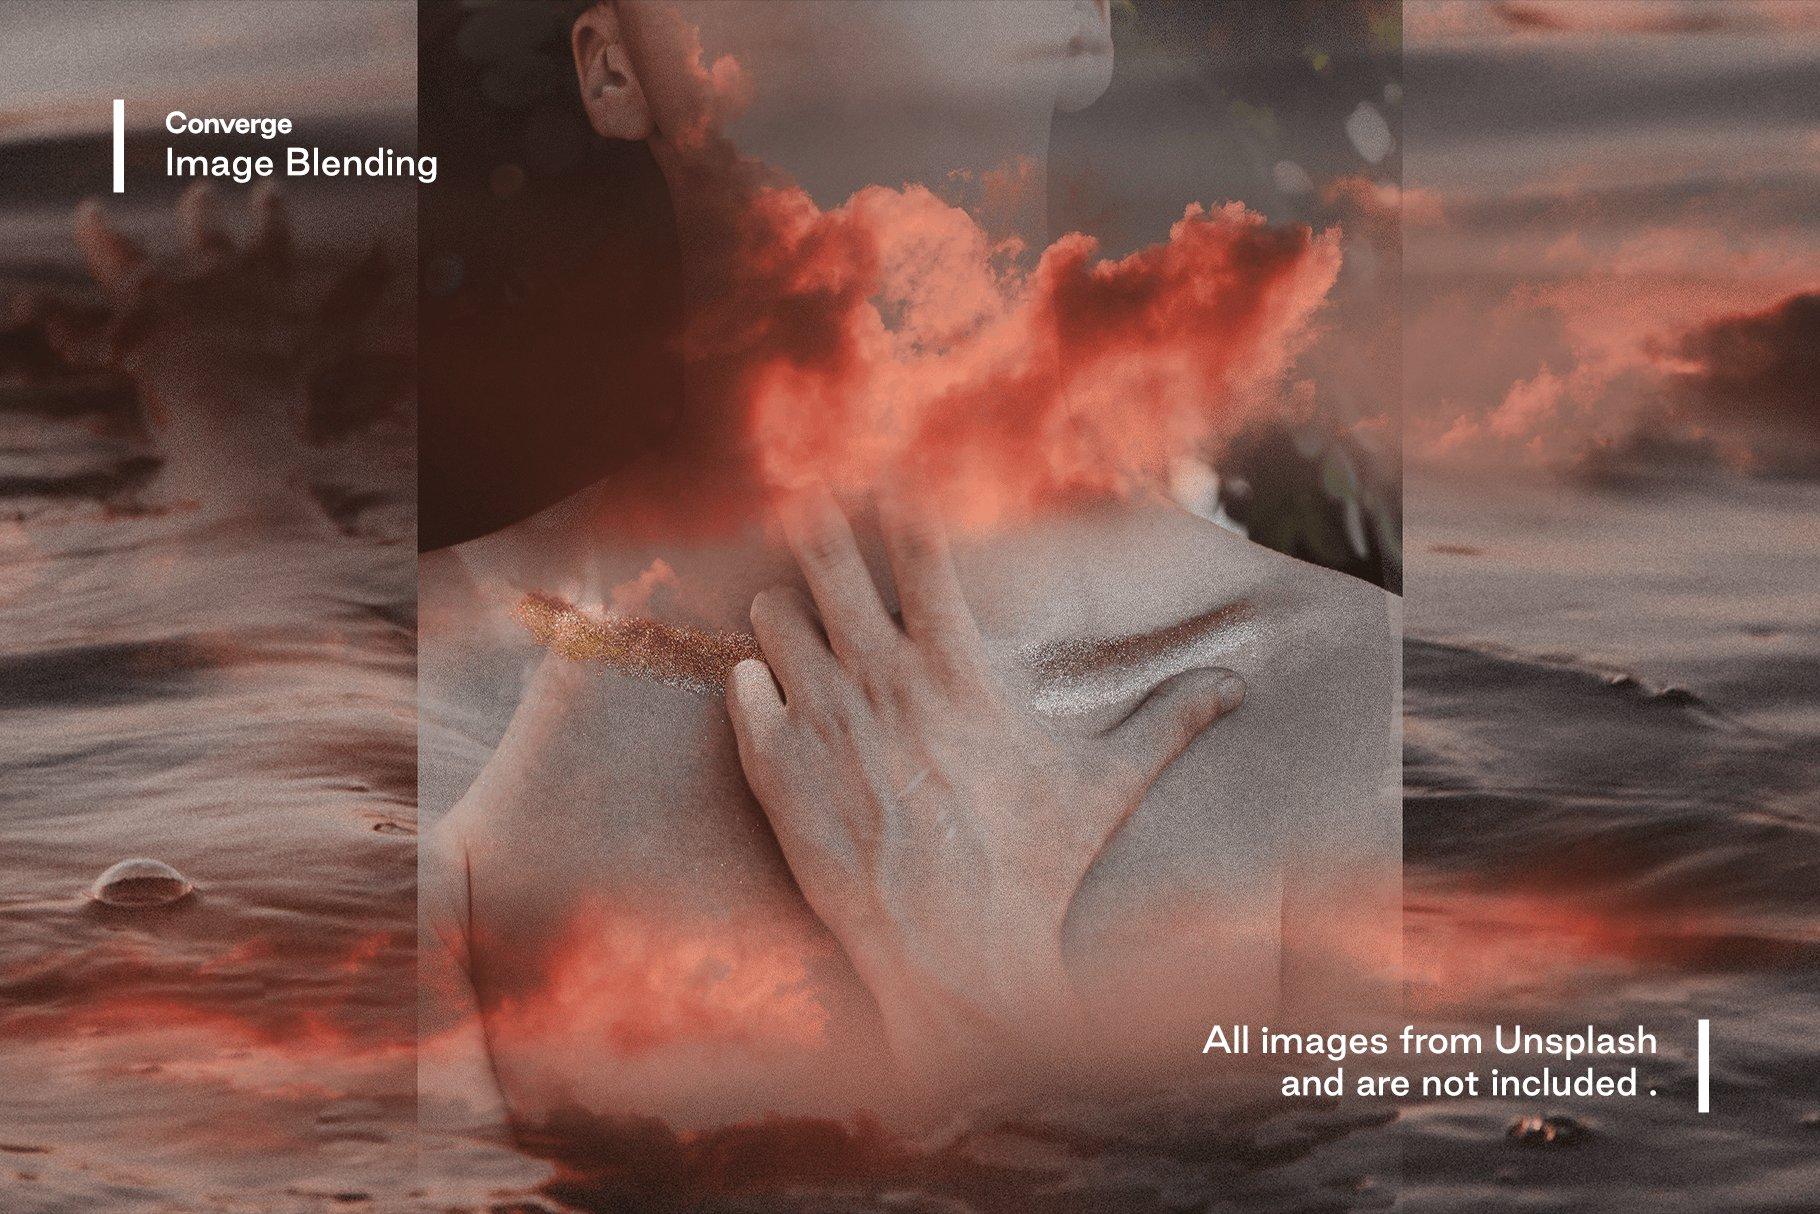 [淘宝购买] 多种曝光融合烟雾混合效果照片处理PS图层样式 Converge – Image Blending插图(8)